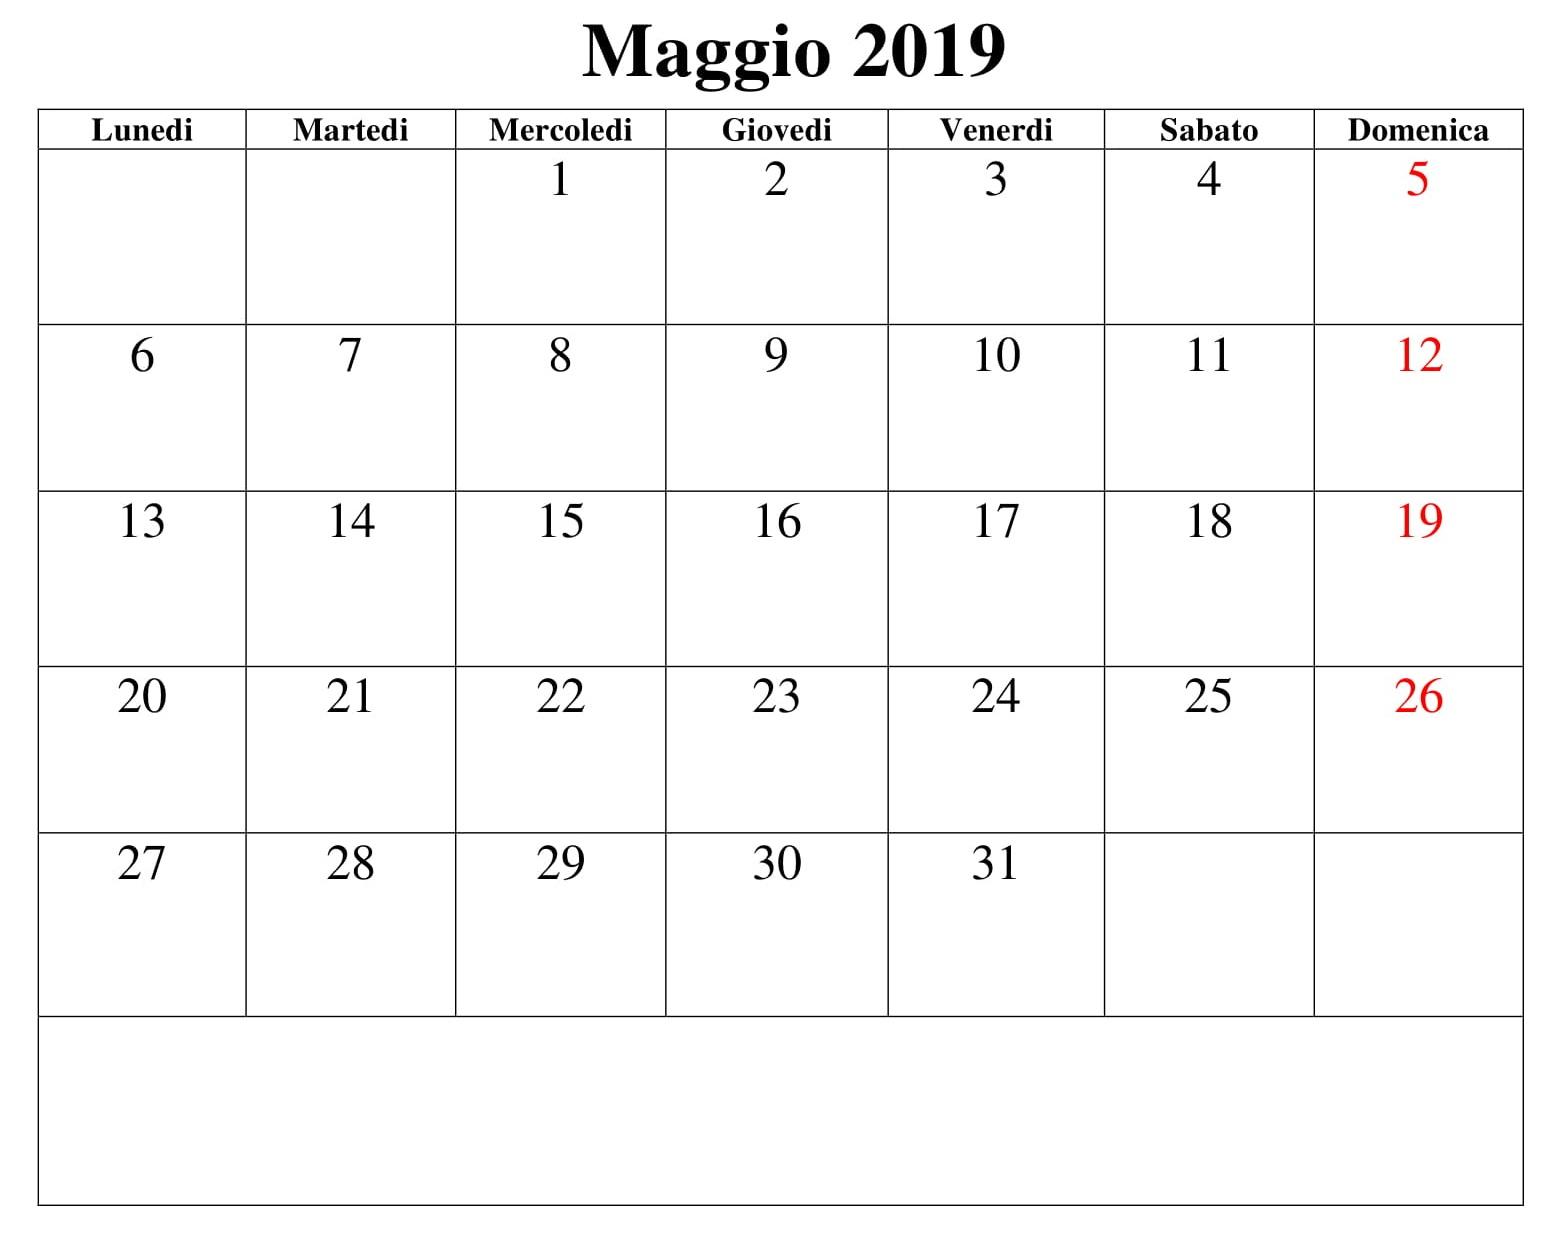 Grande Maggio 2019 Calendario